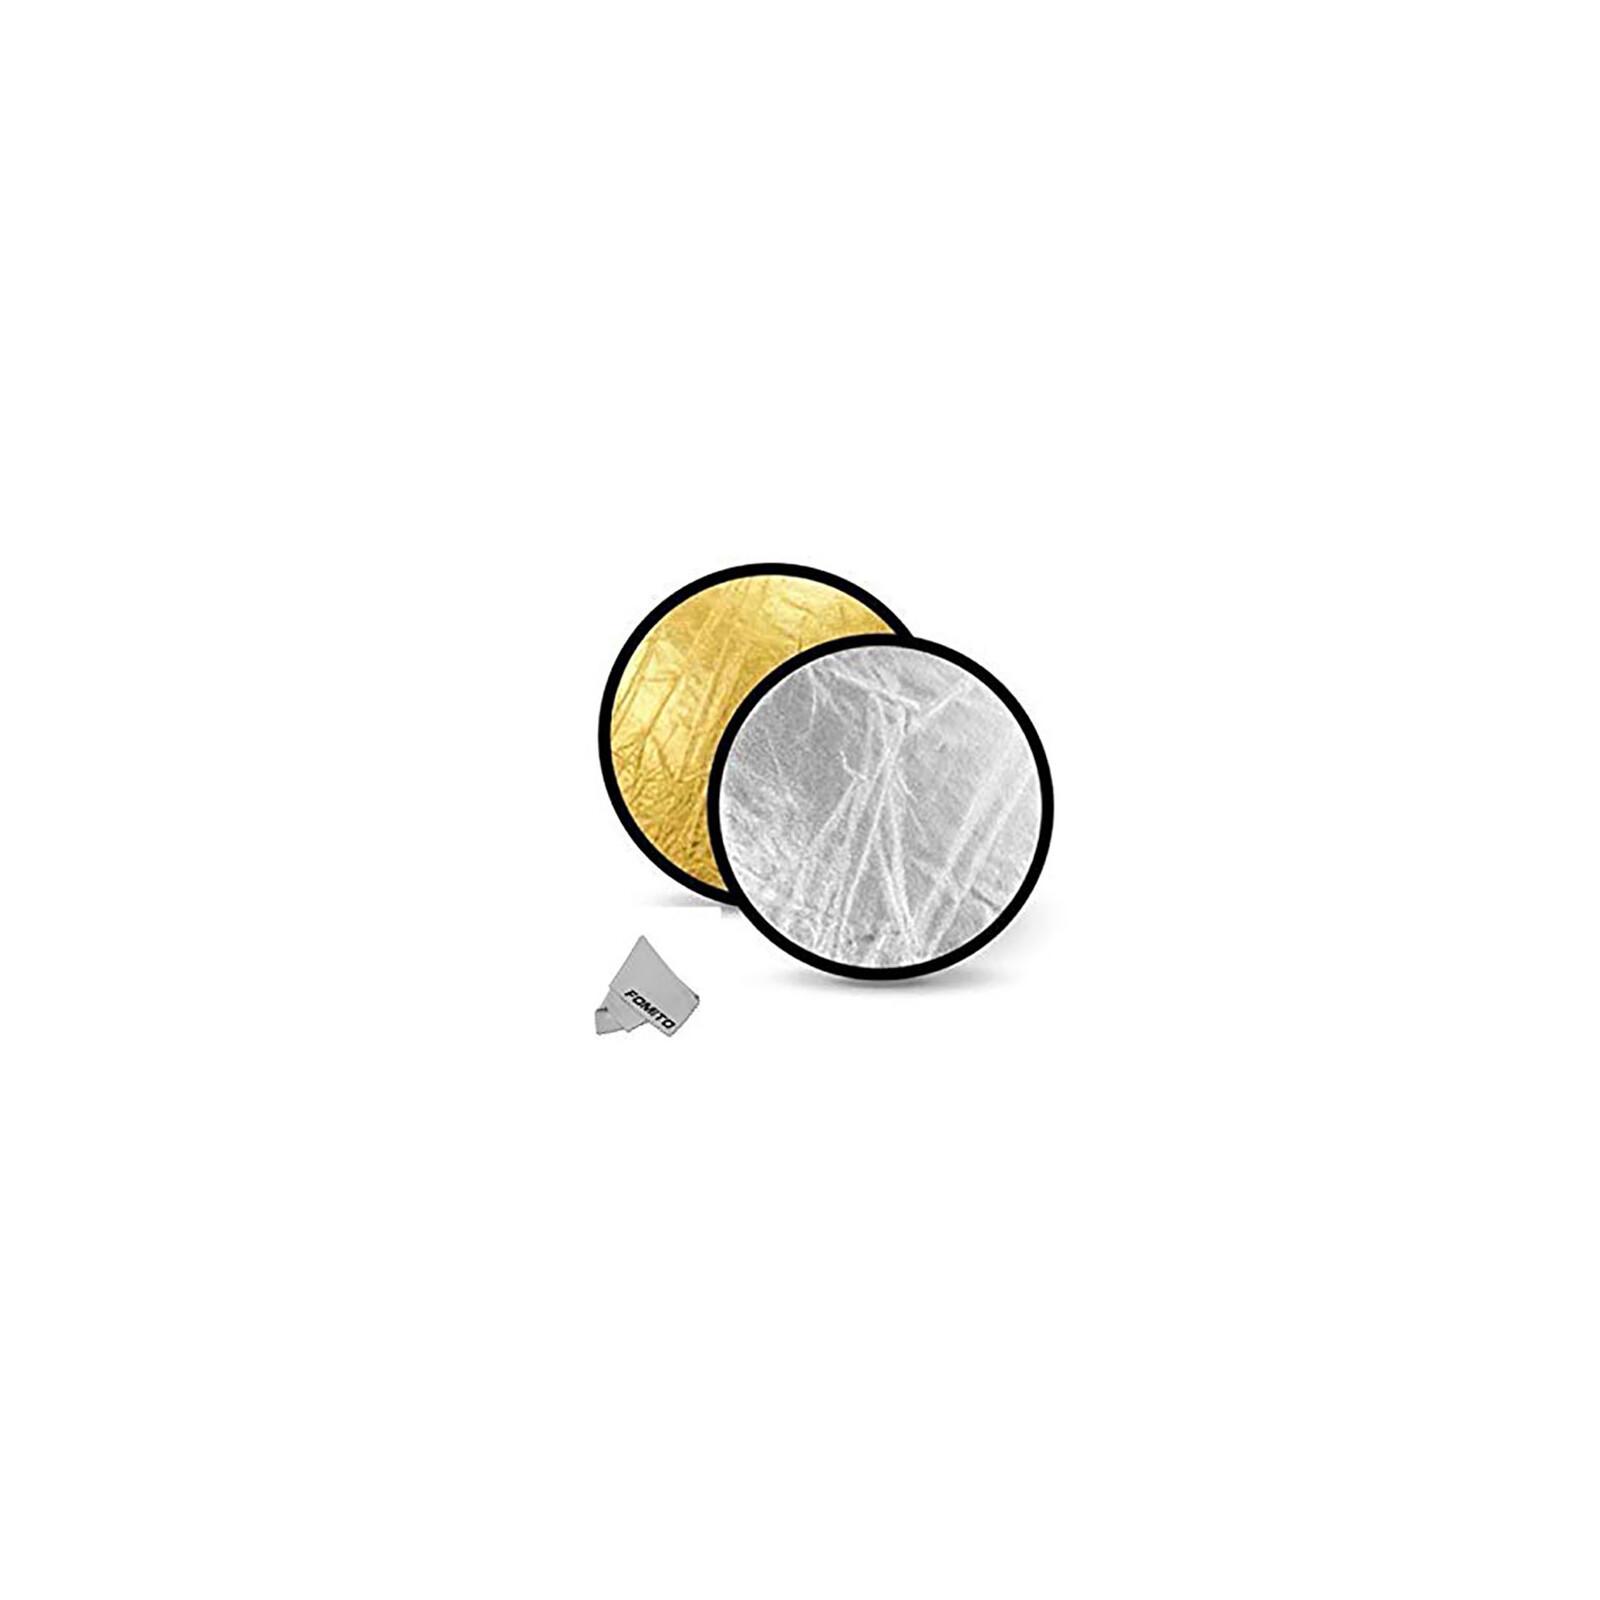 GODOX Reflektor Disc 2in1 Gold&Silber DM 60